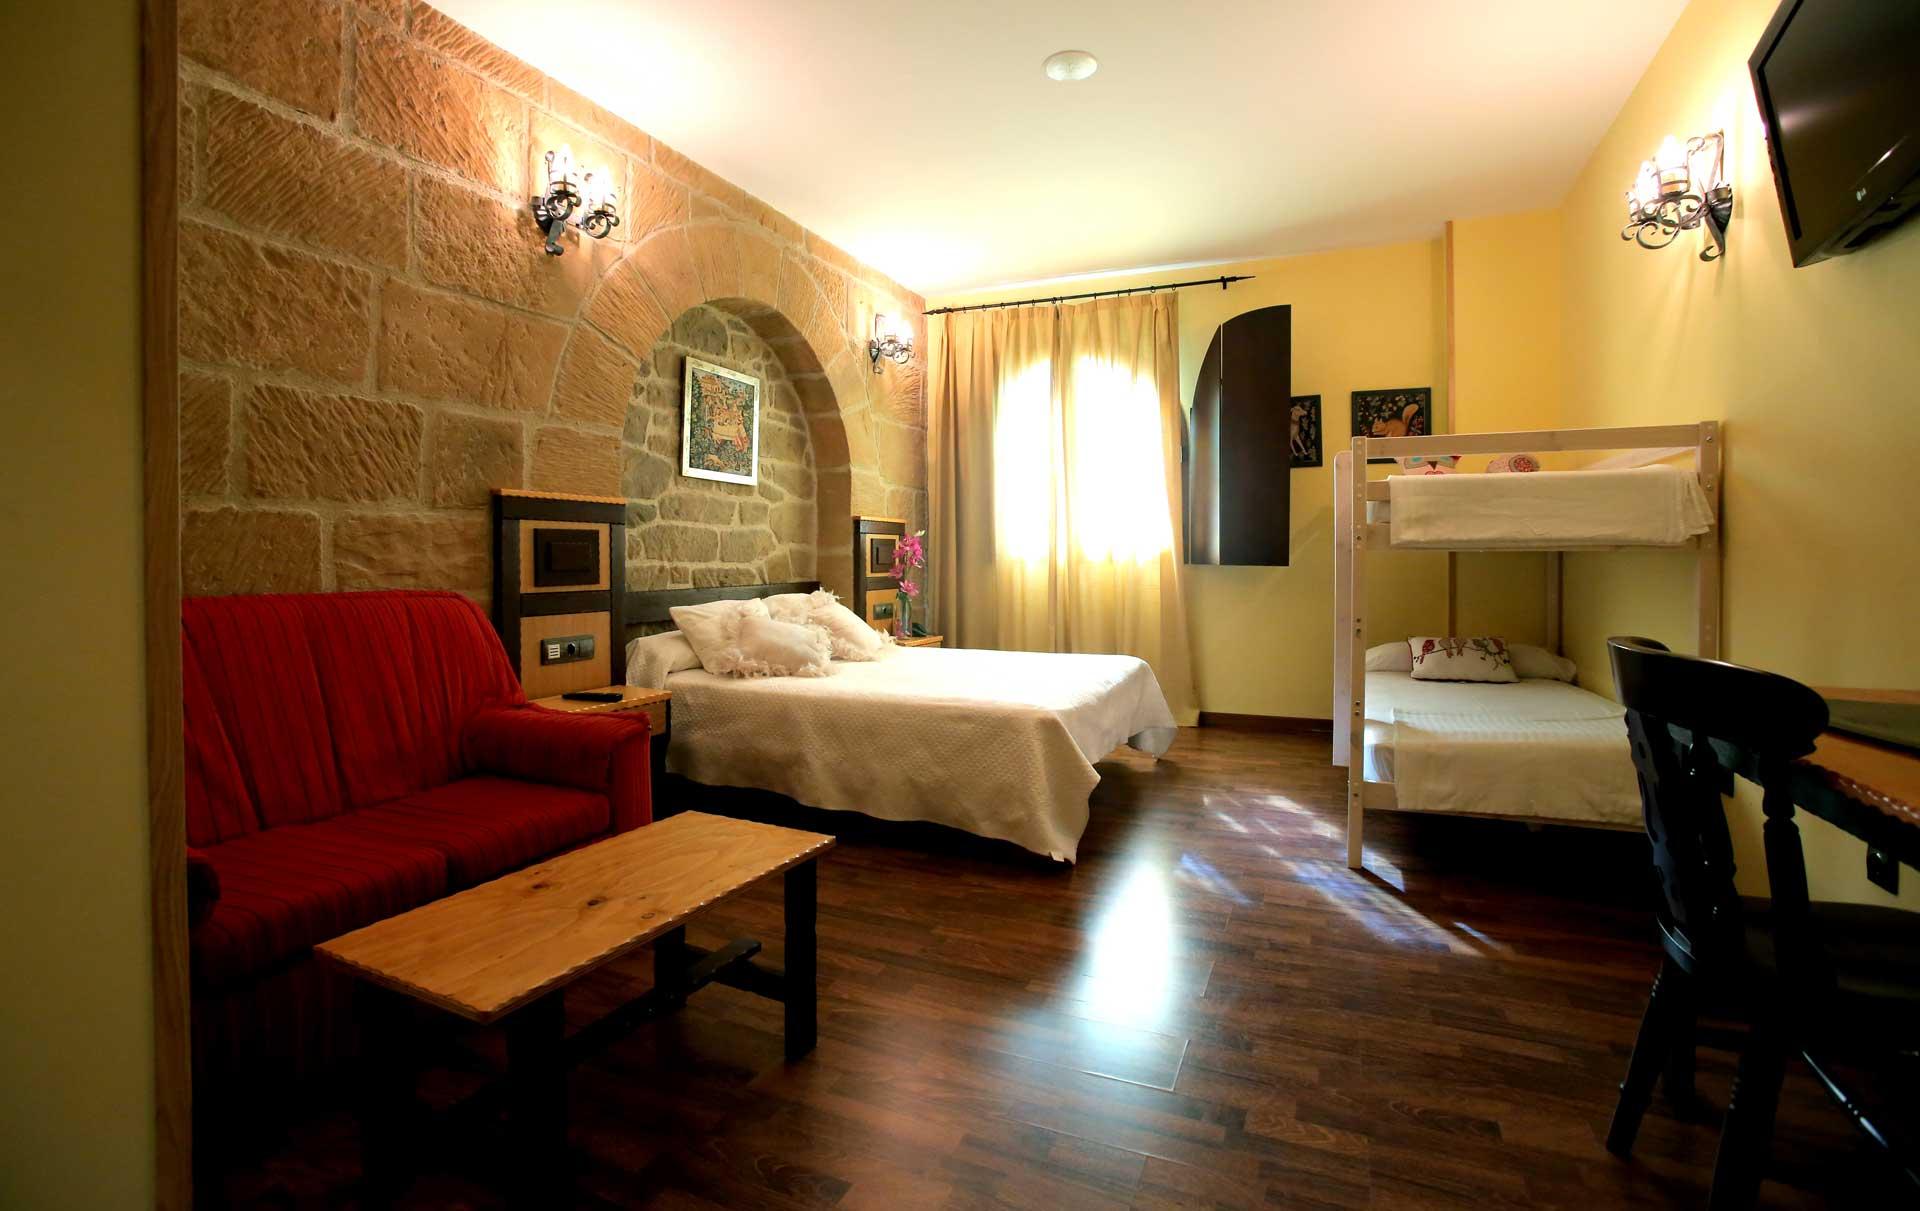 Habitaciones-familiares-Triples y Cúadruples-Hotel-Castillo-Bonavia